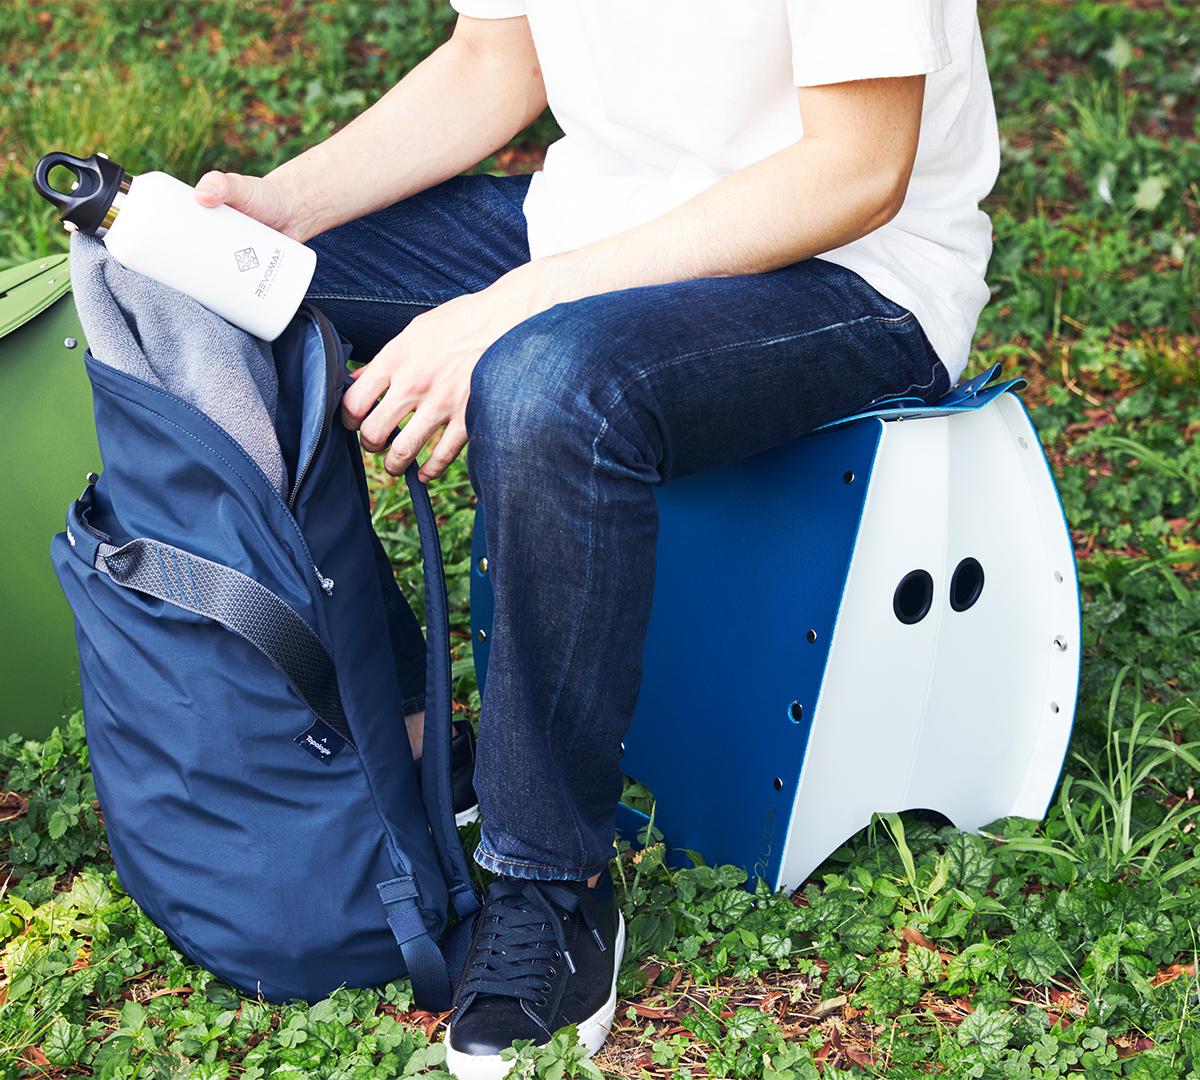 長時間座っても疲れにくく、ゆったりとレジャーを楽しめる設計。体の大きな男性も、安心して座れます。座面を外せば、ゴミ箱・防災トイレが出現する「折りたたみイス」|PATATTO PATATTO 350+